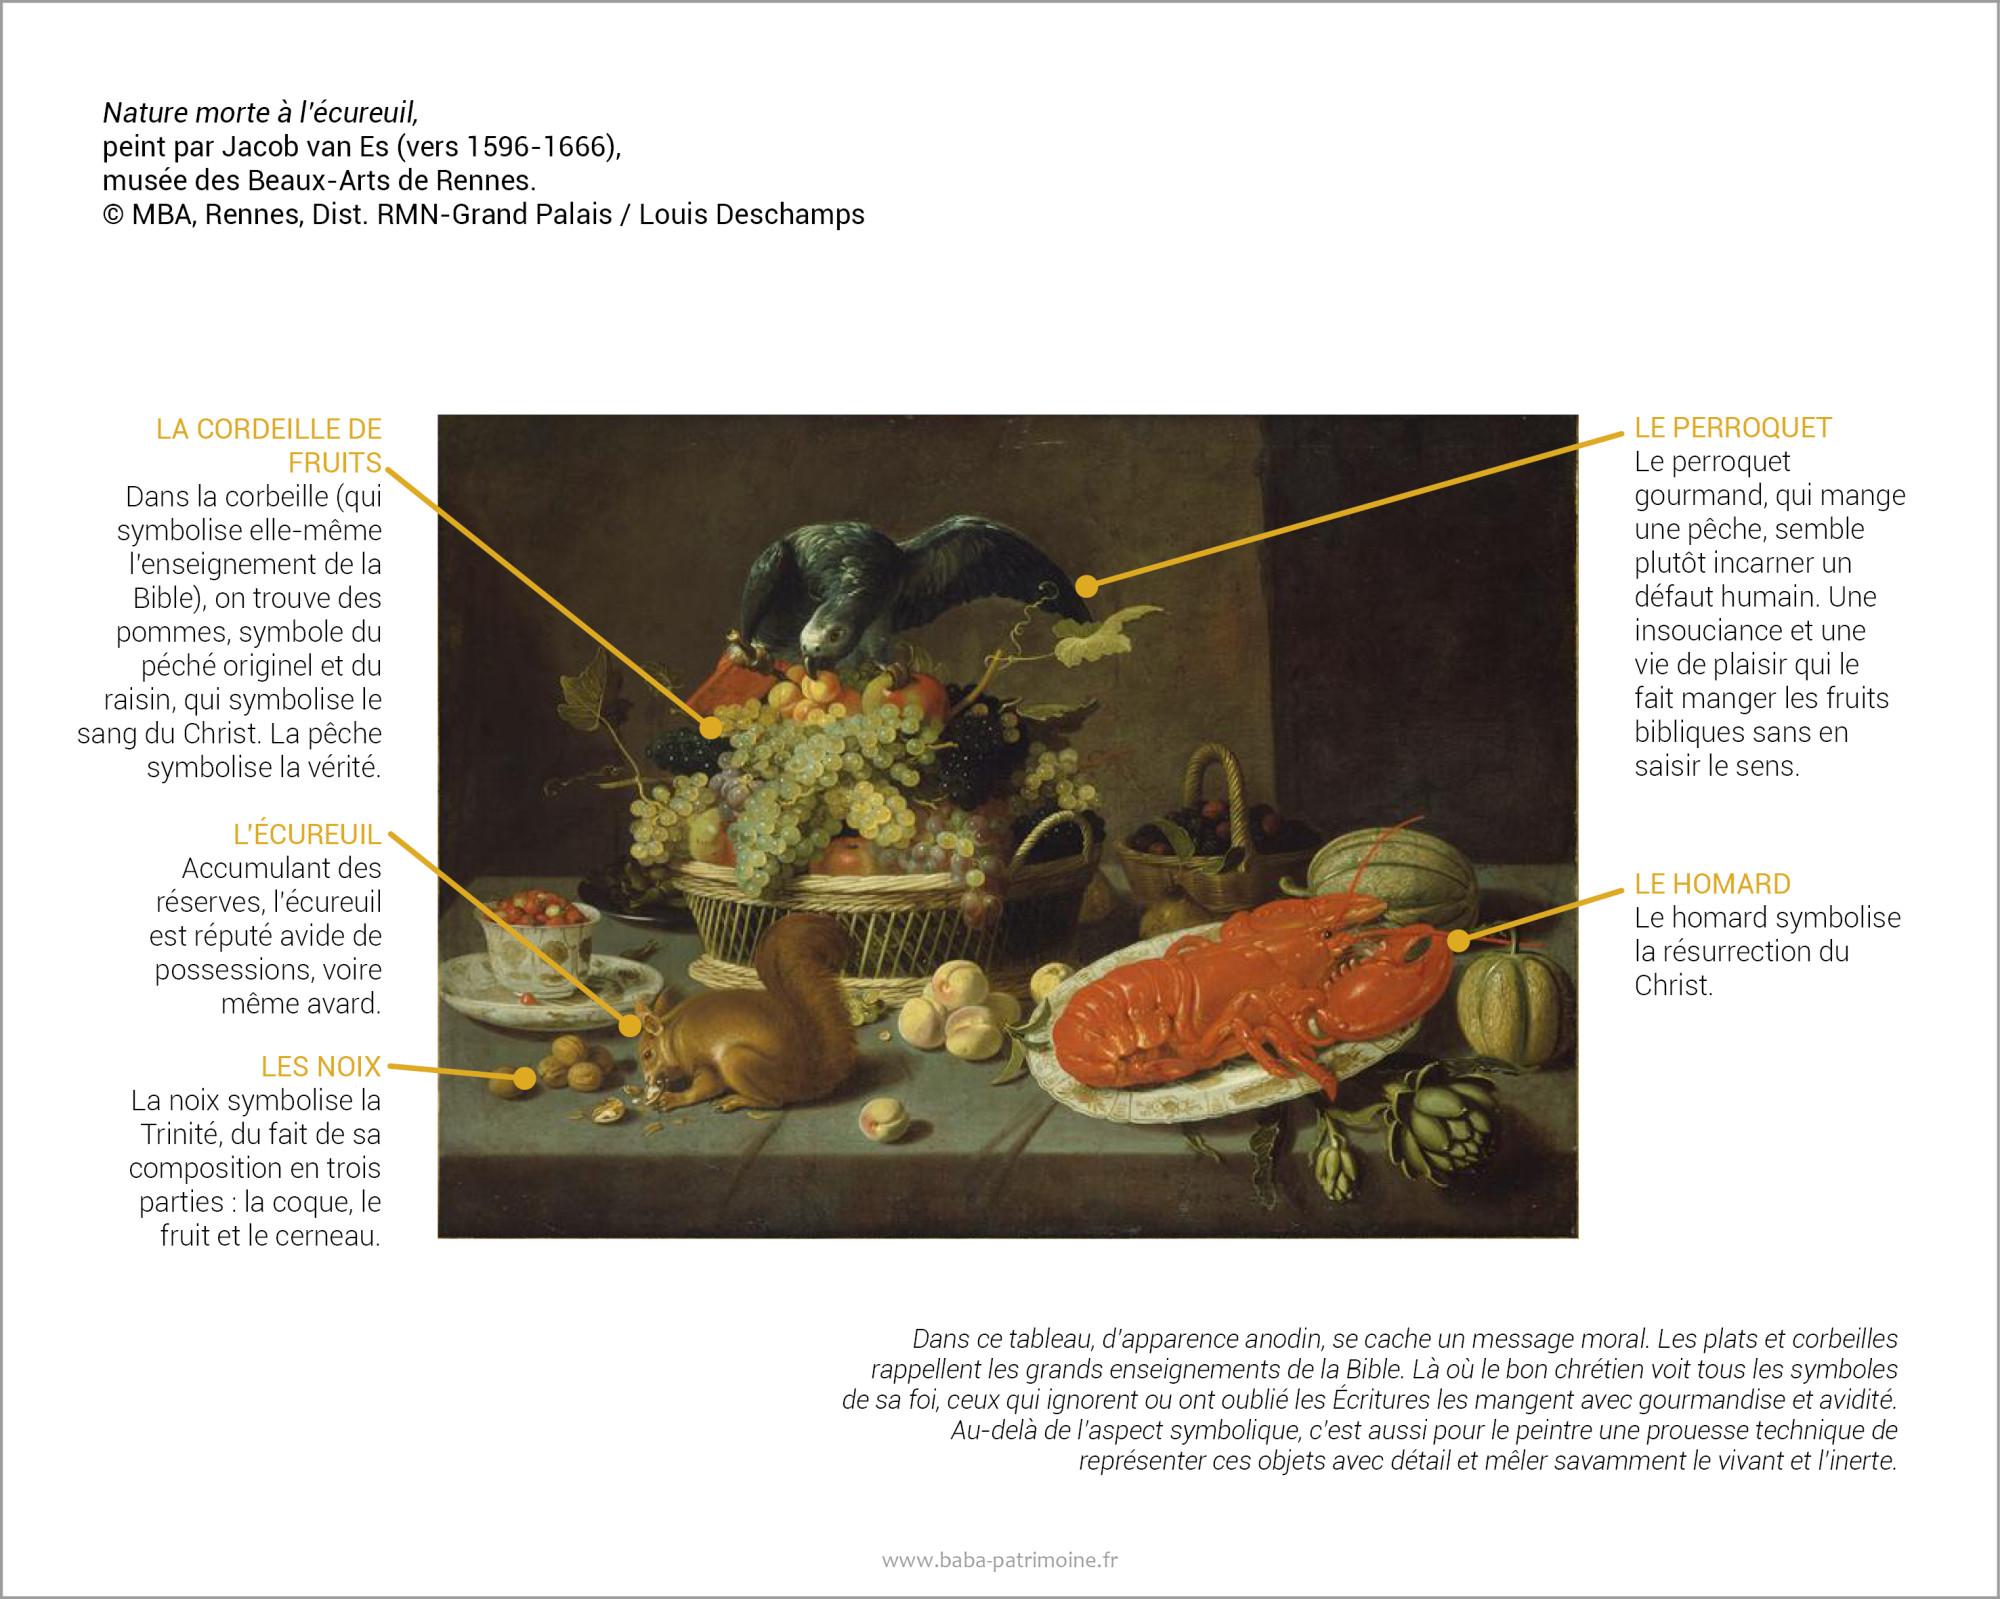 Nature morte à l'écureuil, peint par Van Es Jacob Fopsen (vers 1596-1666), musée des Beaux-Arts de Rennes. (C) MBA, Rennes, Dist. RMN-Grand Palais / Louis Deschamps